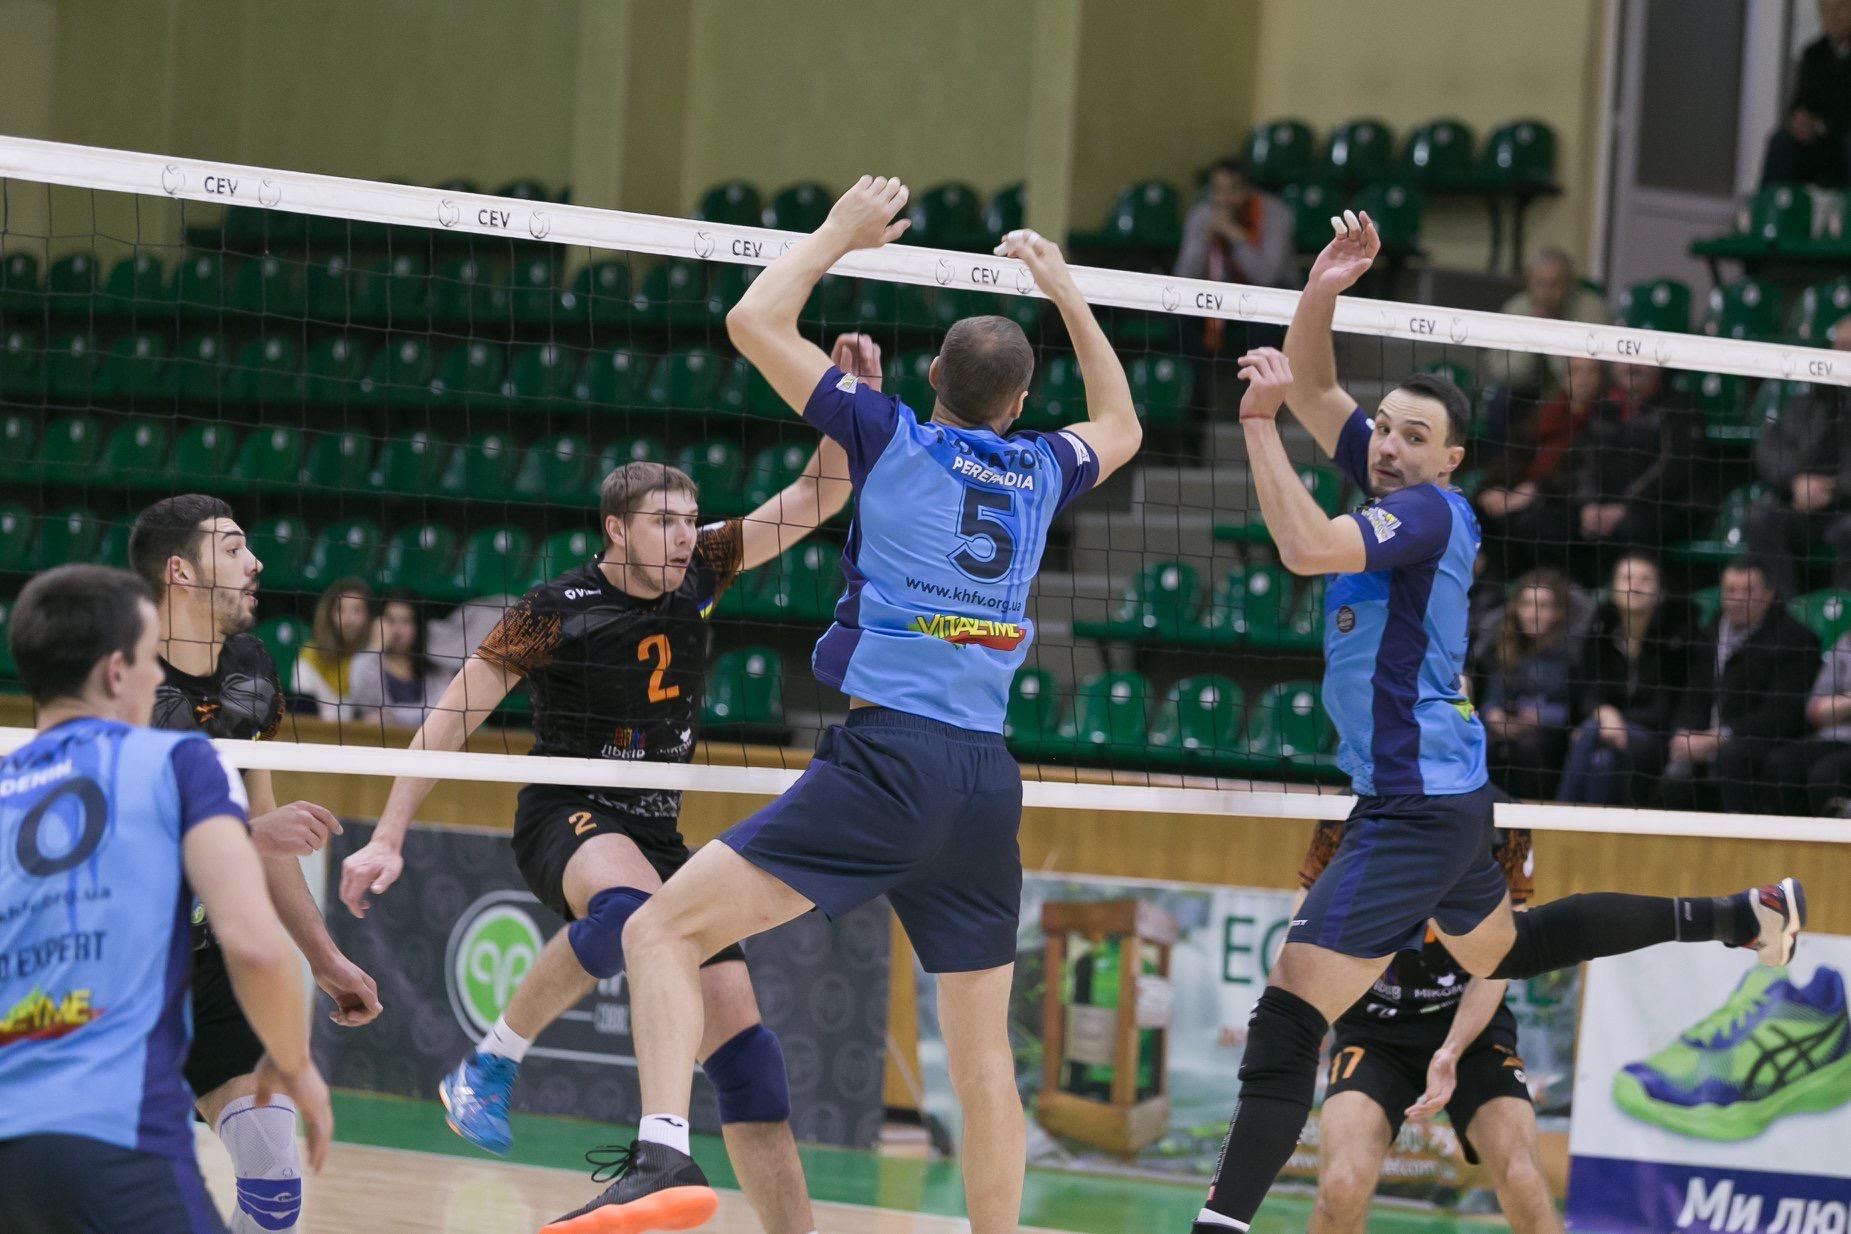 Фотозвіт матчів між «Барком-Кажани» та «Новатор» - 17